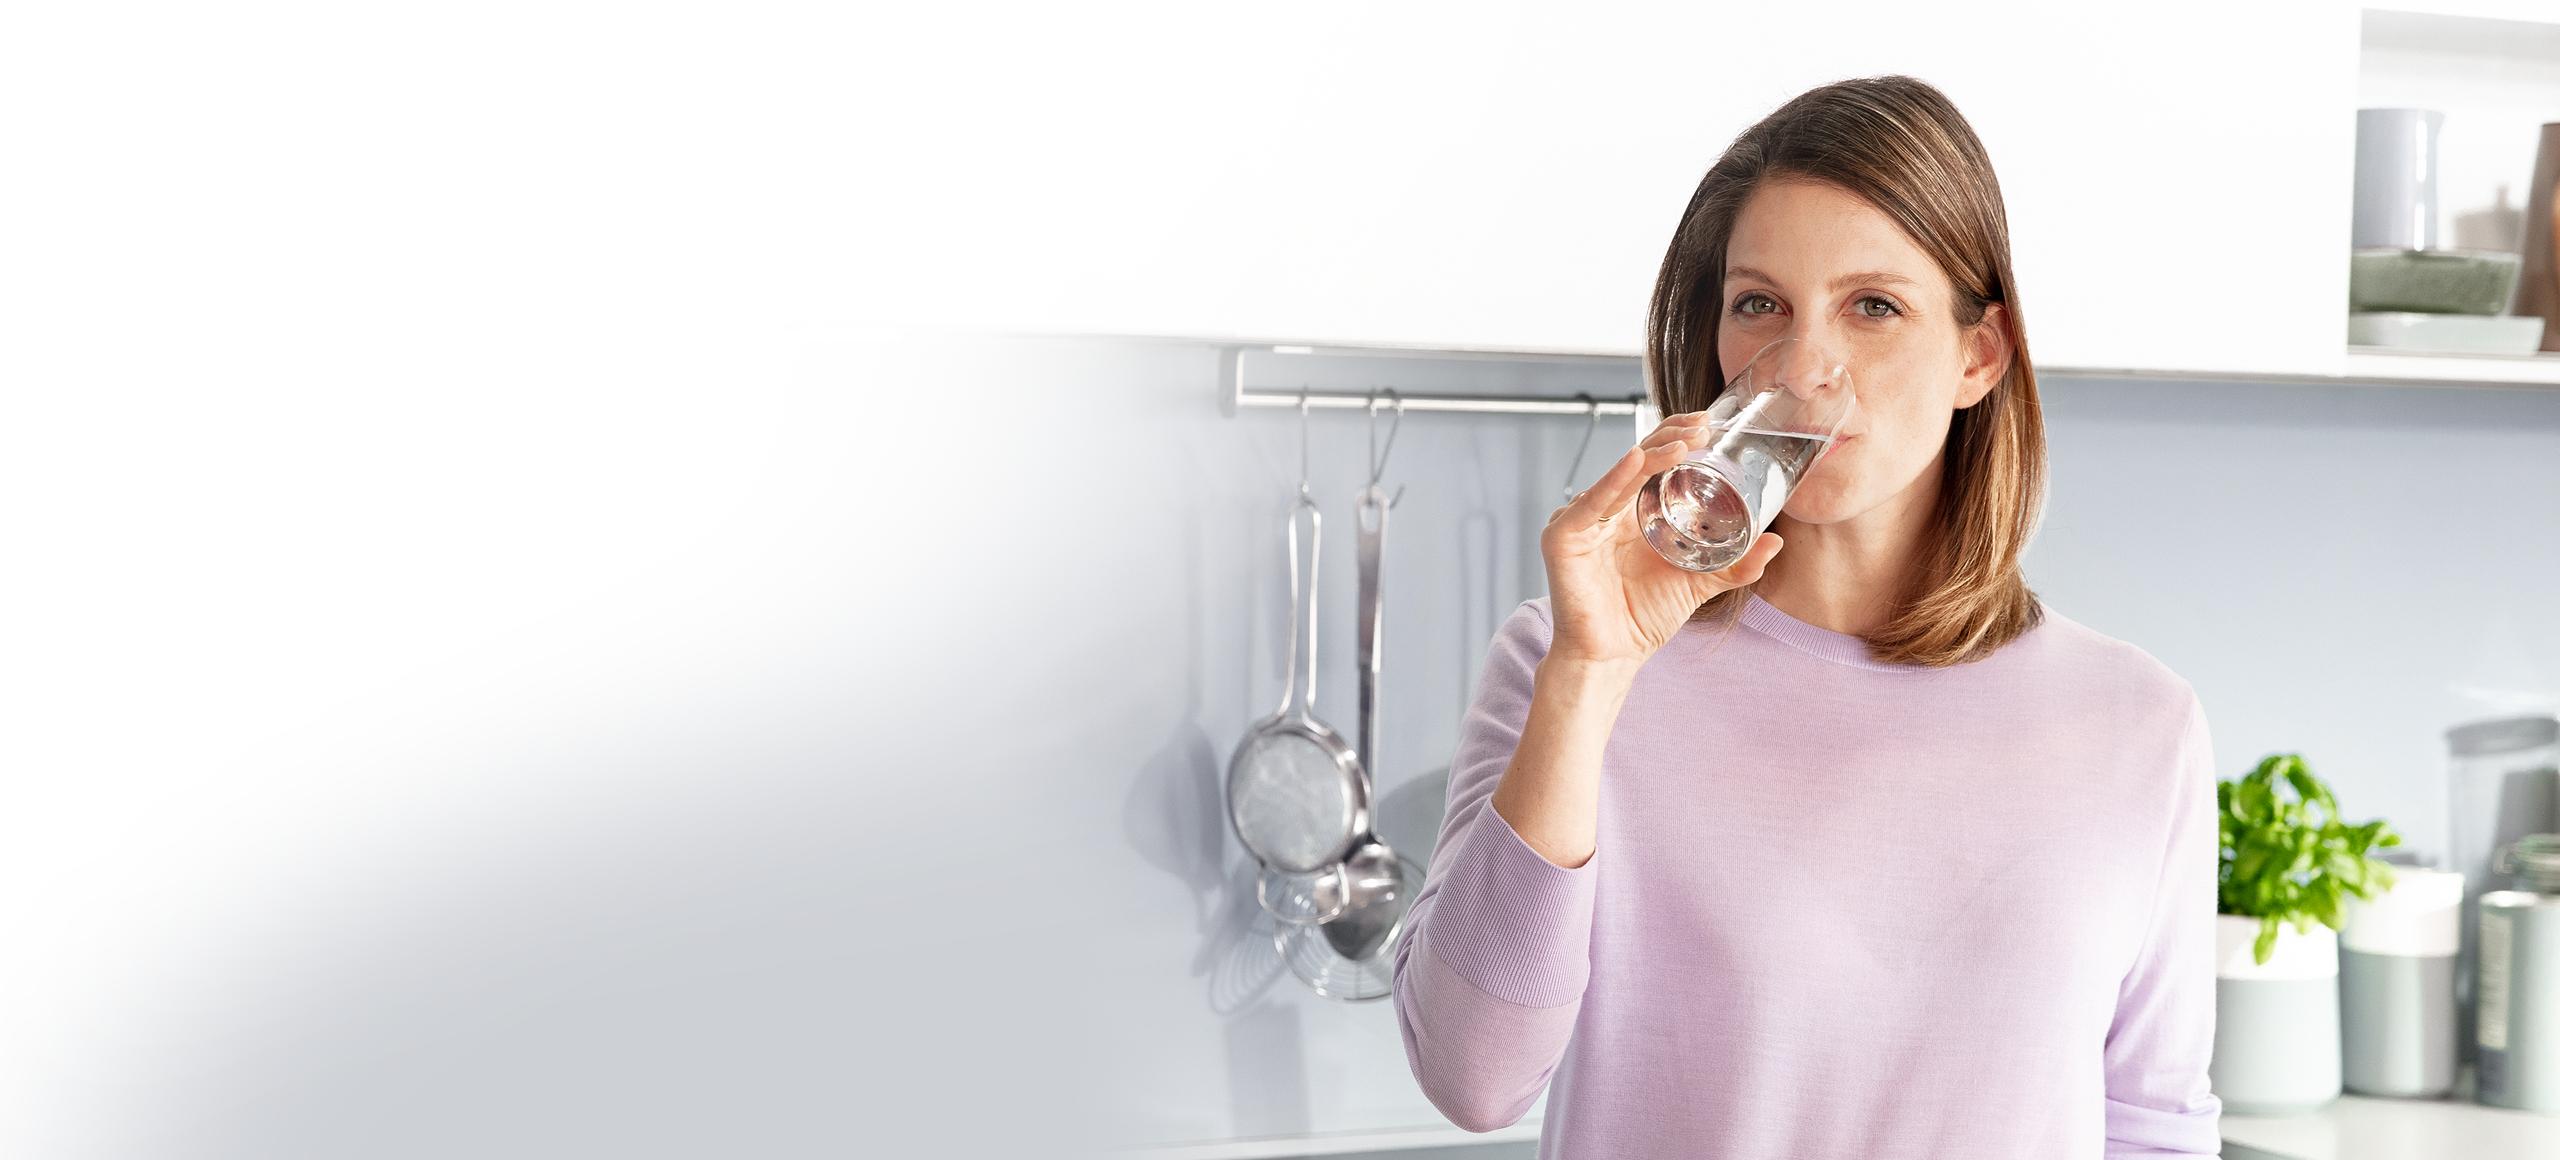 Kobieta pijąca zimną wodę